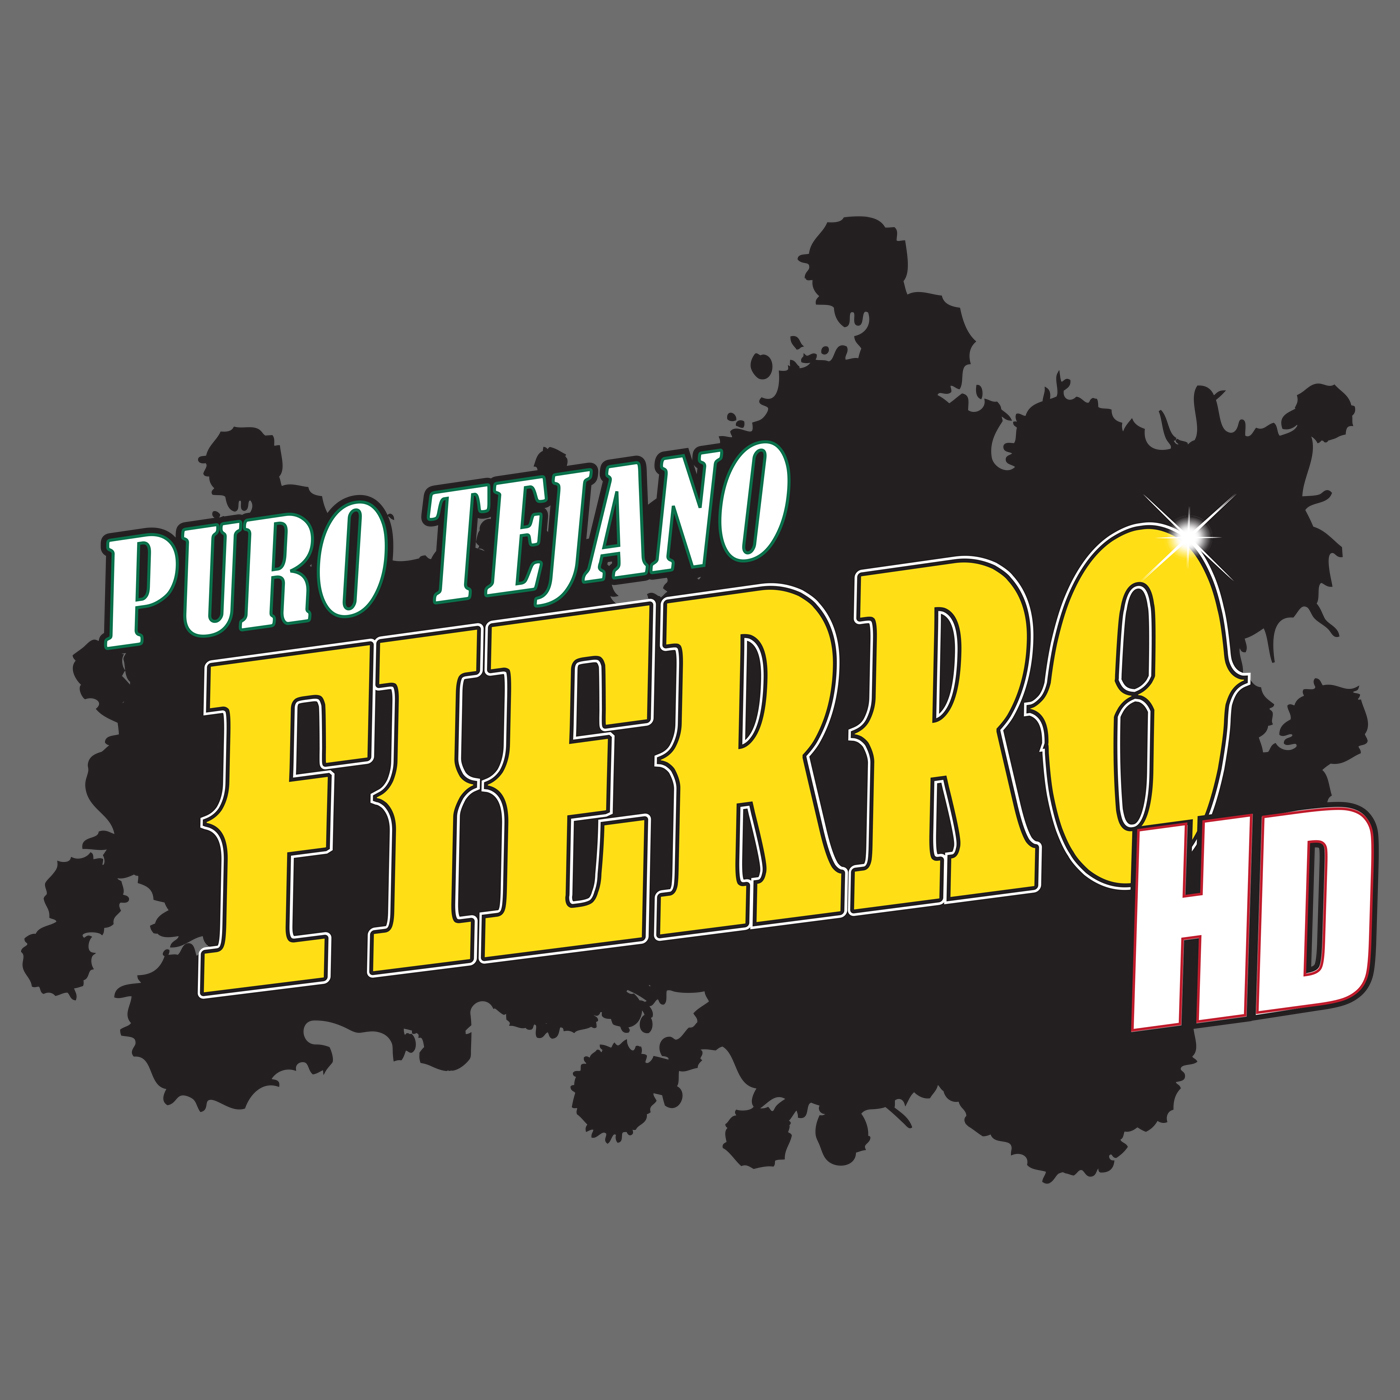 Fierro HD